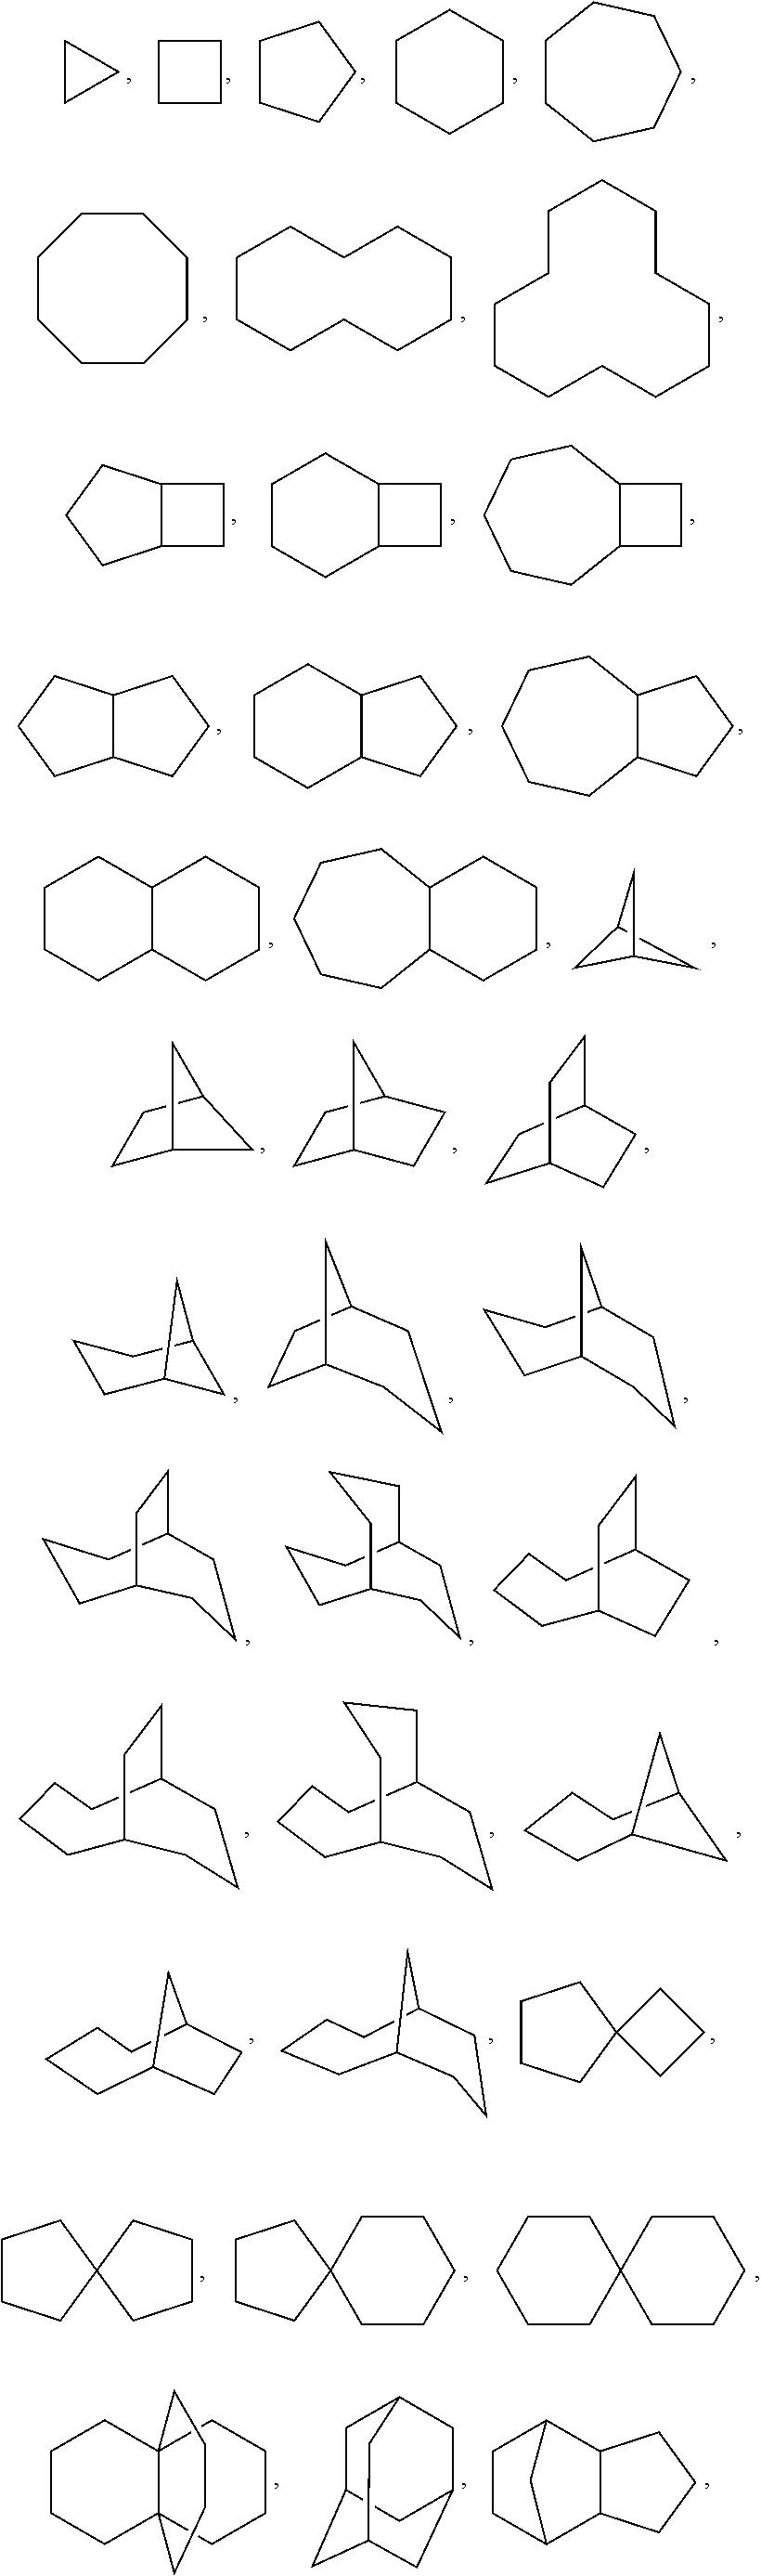 Figure US20180076393A1-20180315-C00149